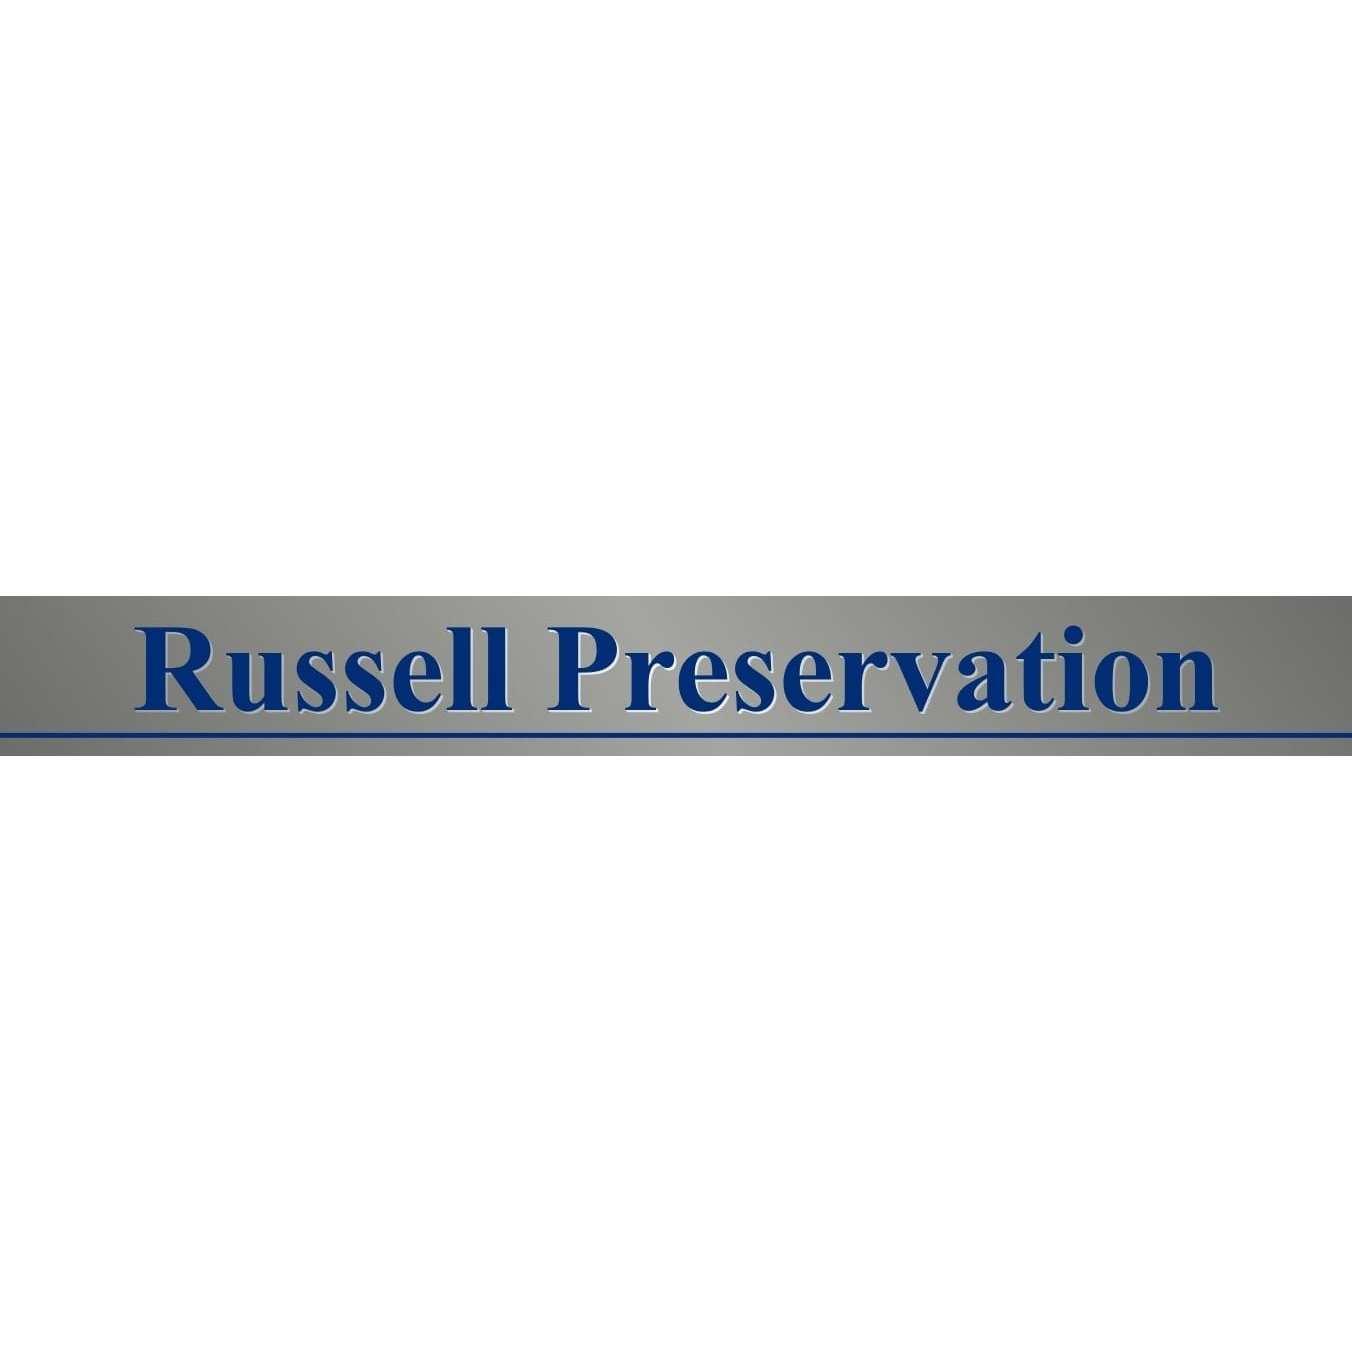 Russell Preservation - Strathaven, Lanarkshire ML10 6JJ - 01357 529877 | ShowMeLocal.com